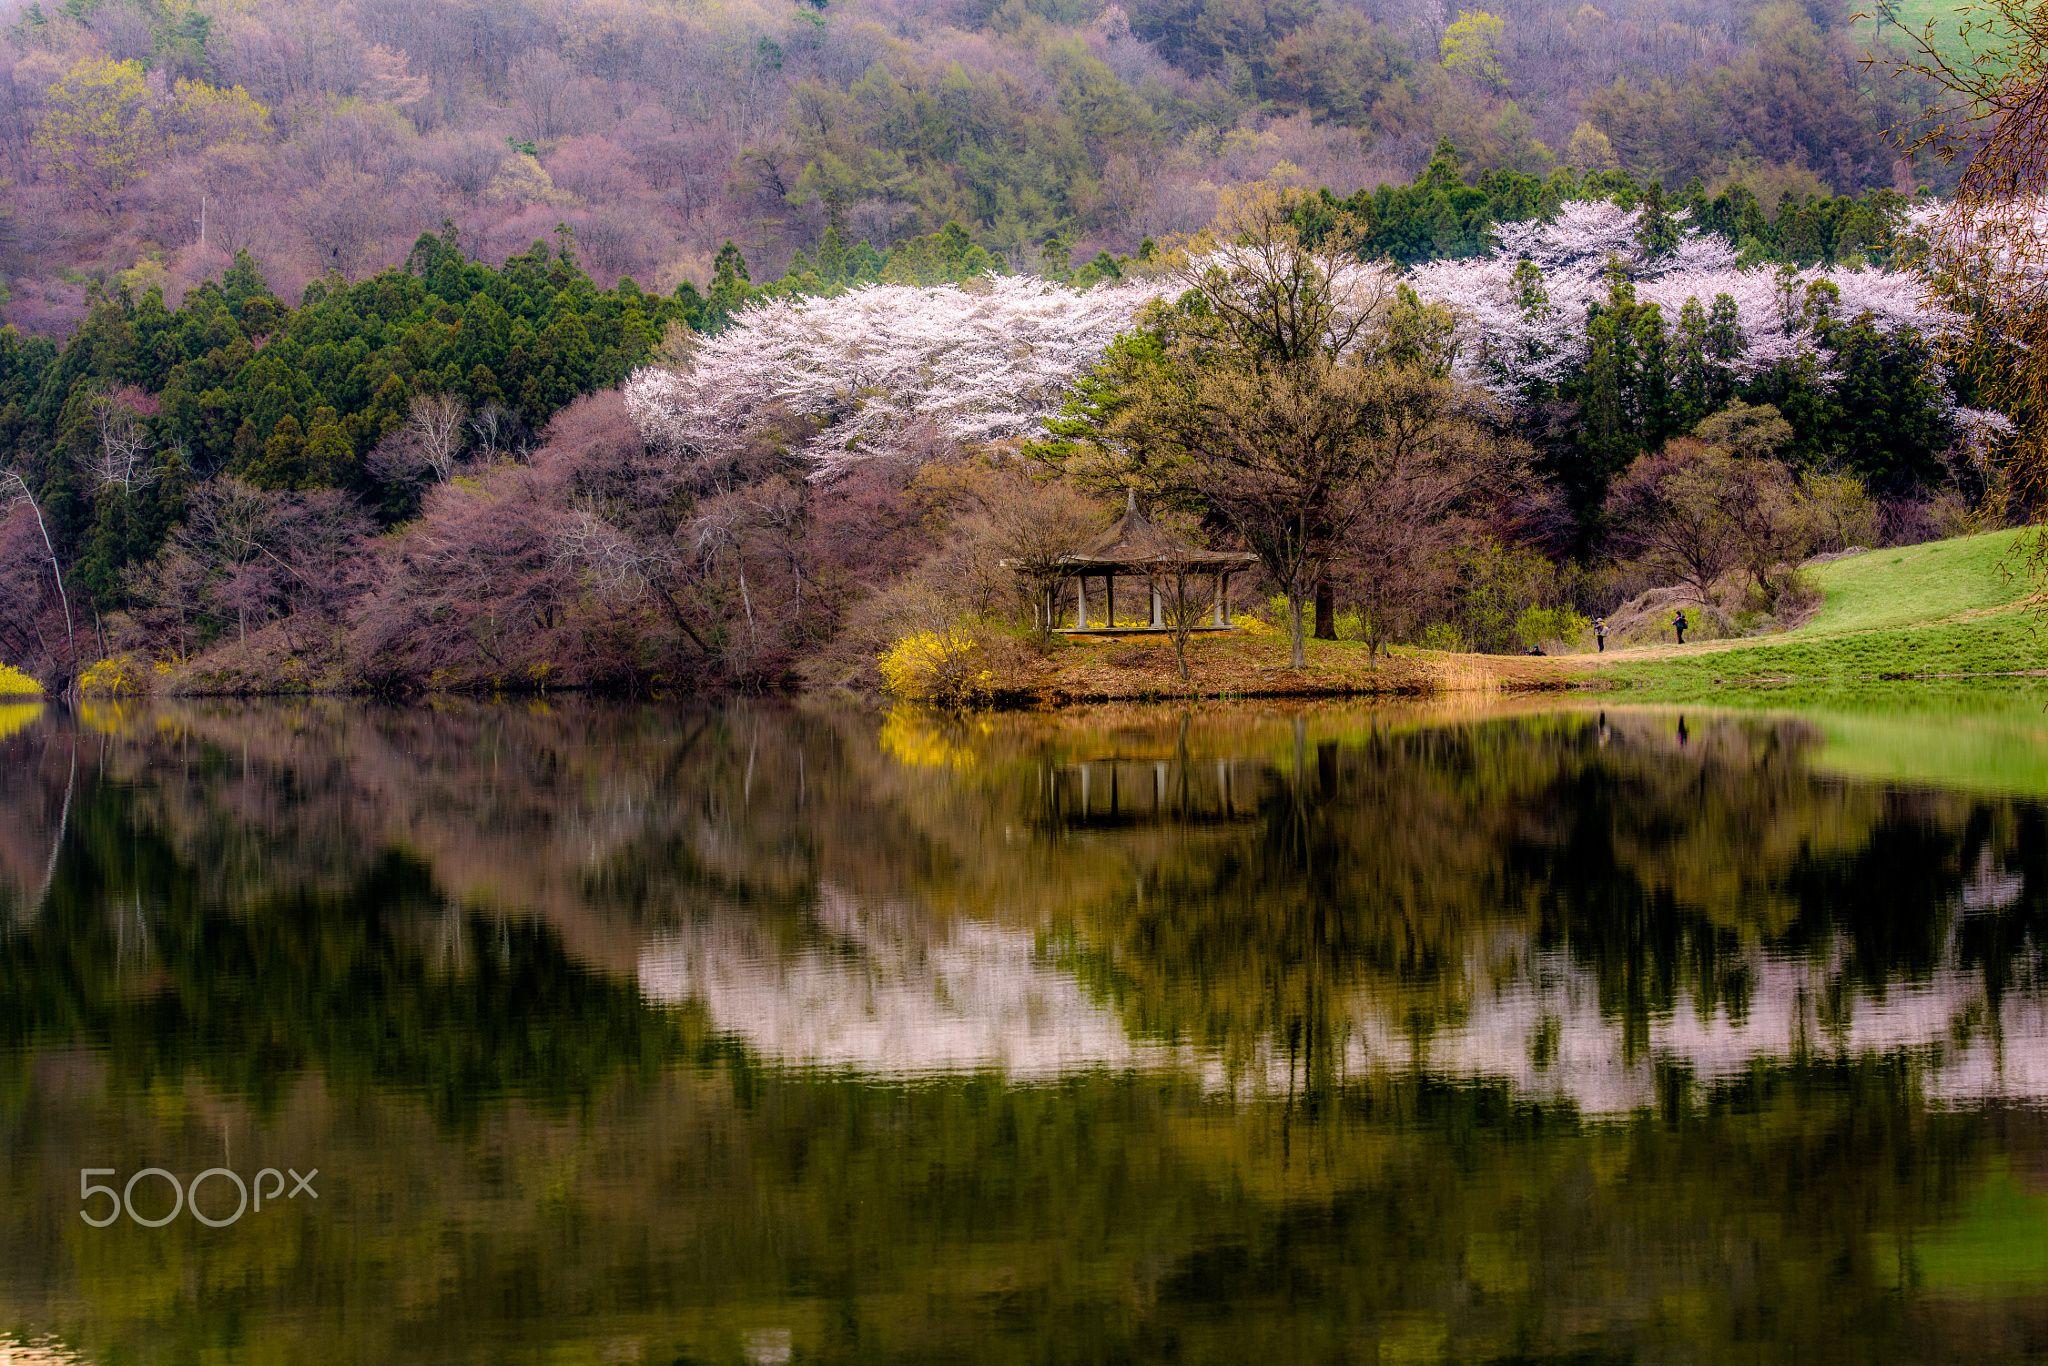 spring - Korea landscape 서산 용비지